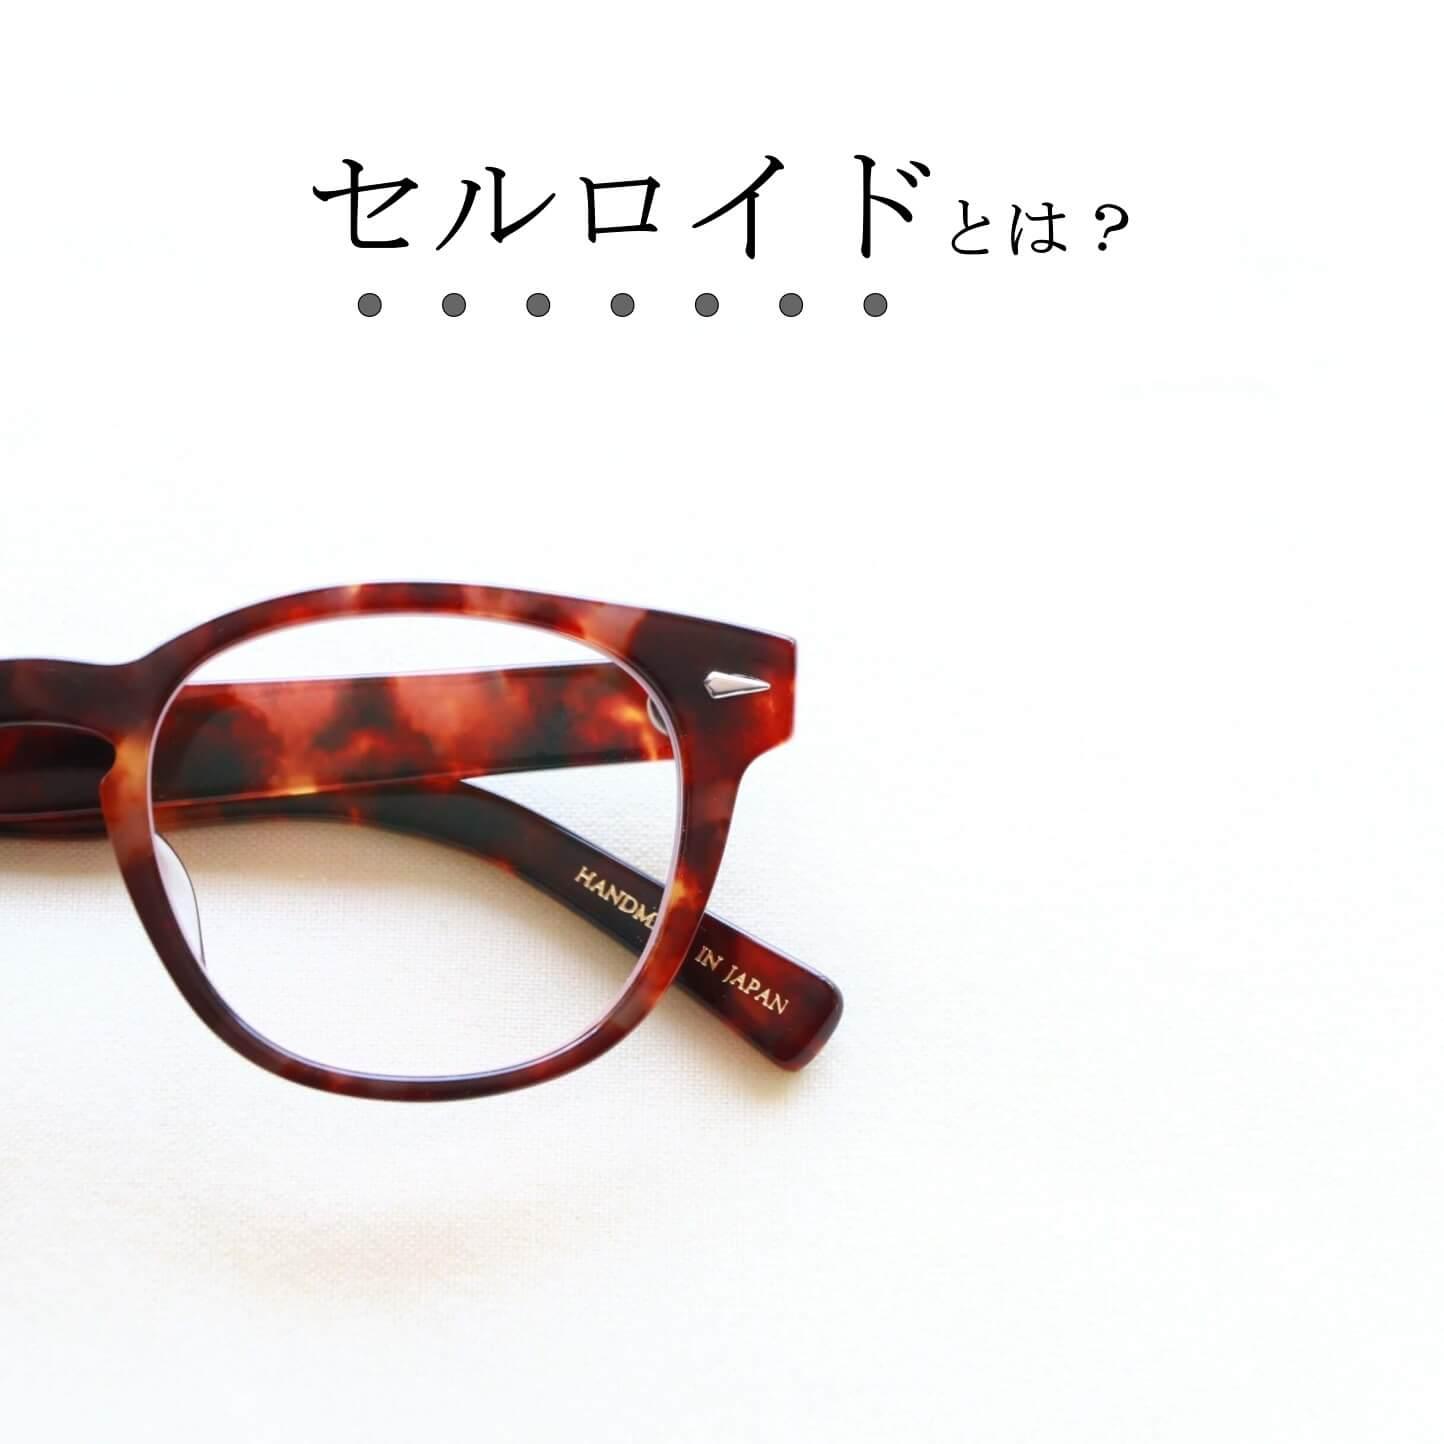 セルロイドとは セルロイド眼鏡 kearny カーニー